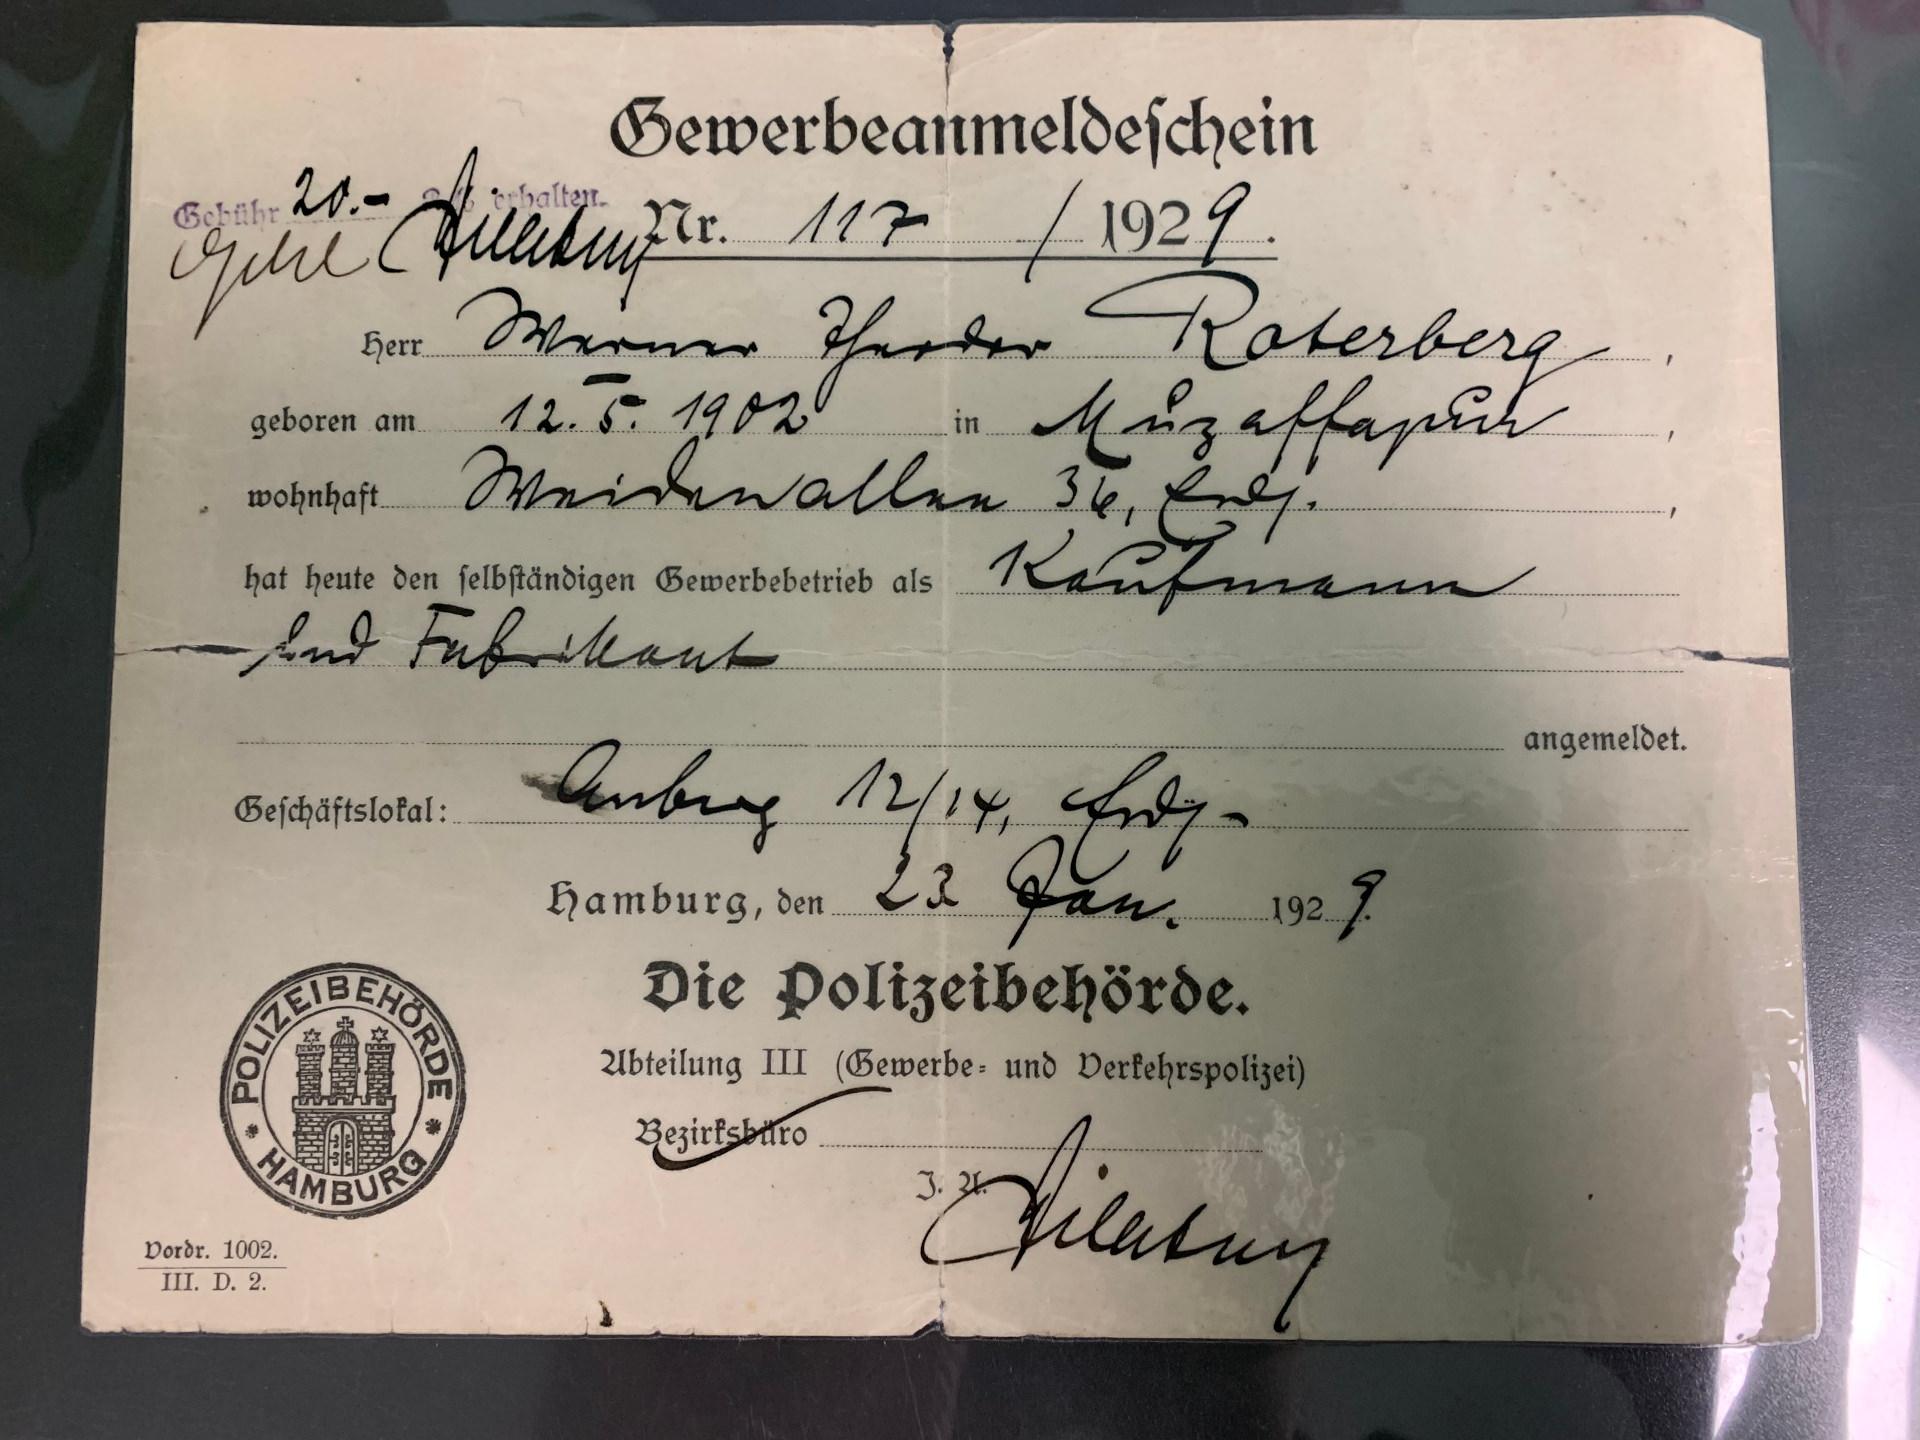 Gewerbeanmeldung von 1929 - Roterberg Maschinenbau - Kleve